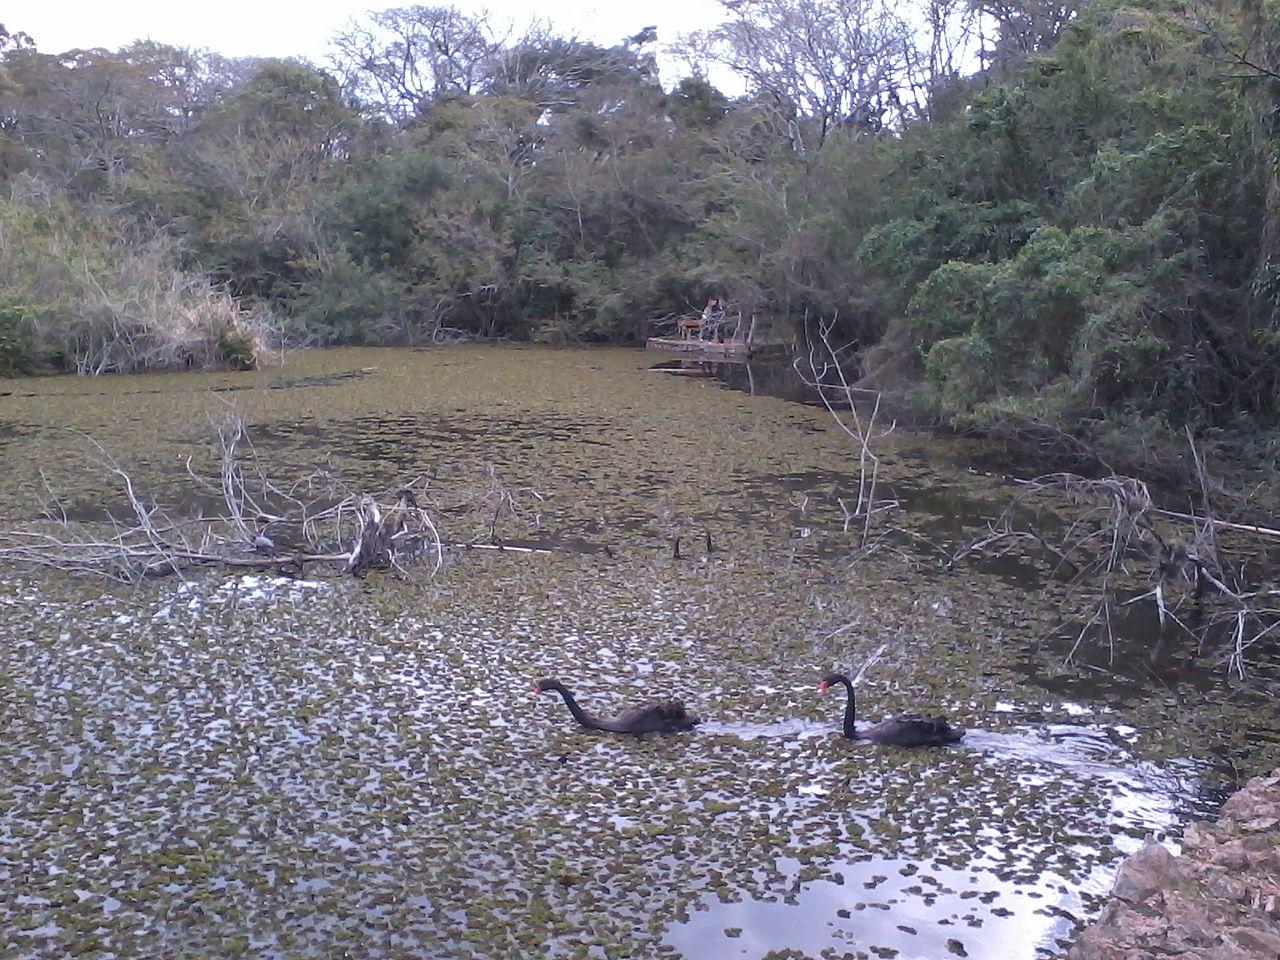 fotos jardim botanico porto alegre : fotos jardim botanico porto alegre:File:Casal de cisnes no lago do Jardim Botânico de Porto Alegre – RS